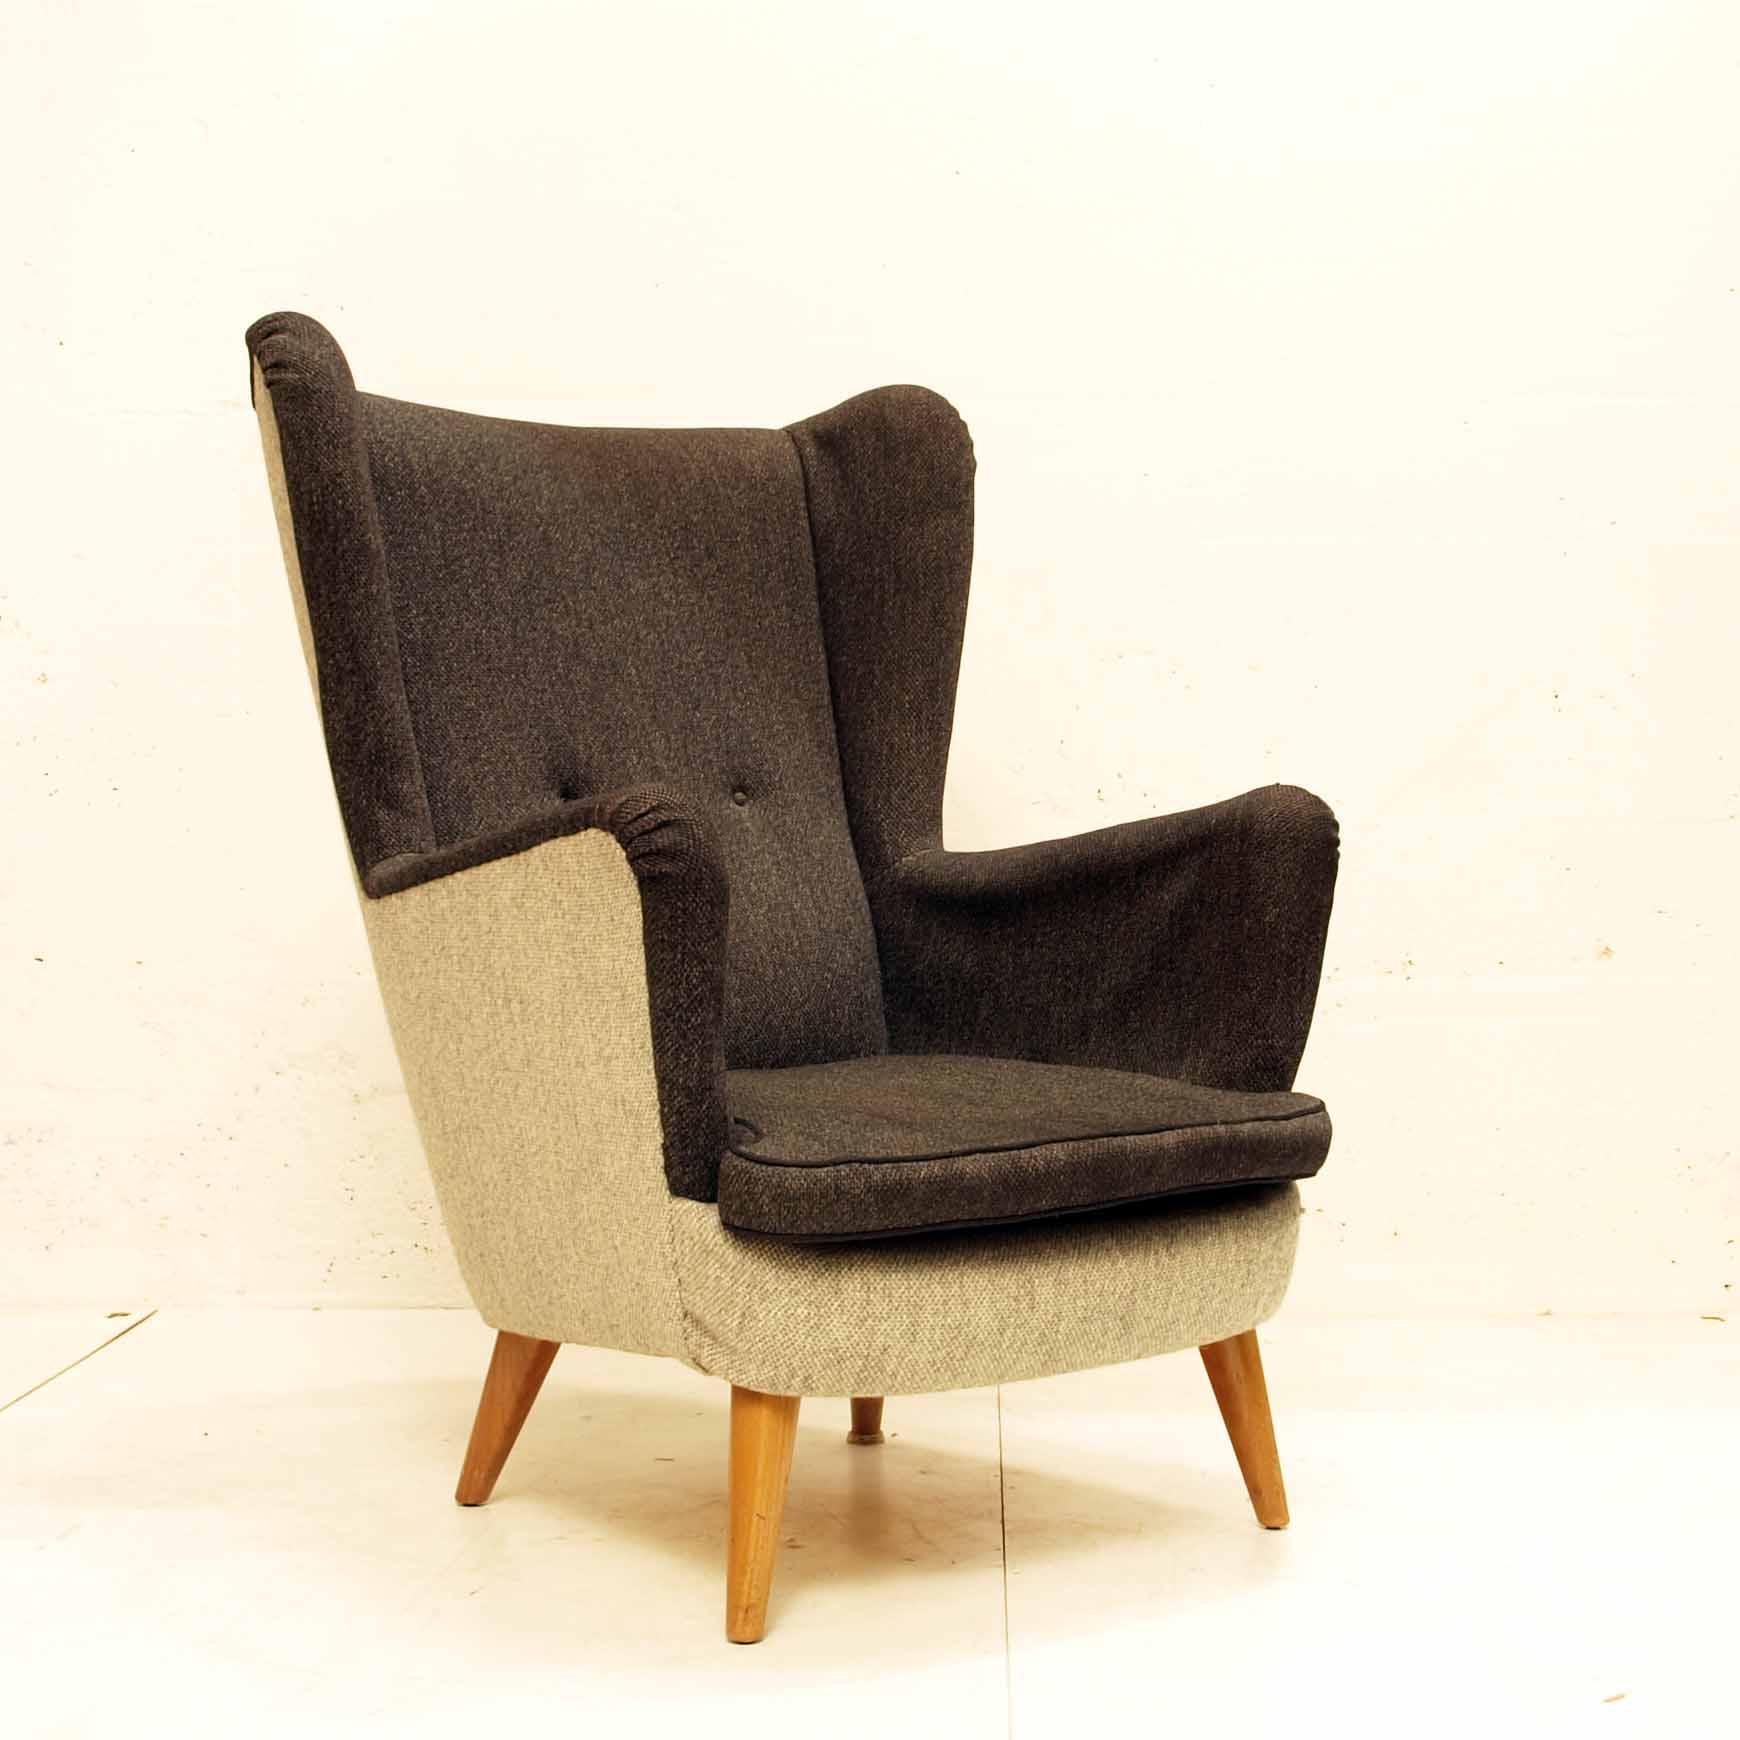 Ohrensessel 50er Jahre Möbel Zürich Vintagemöbel